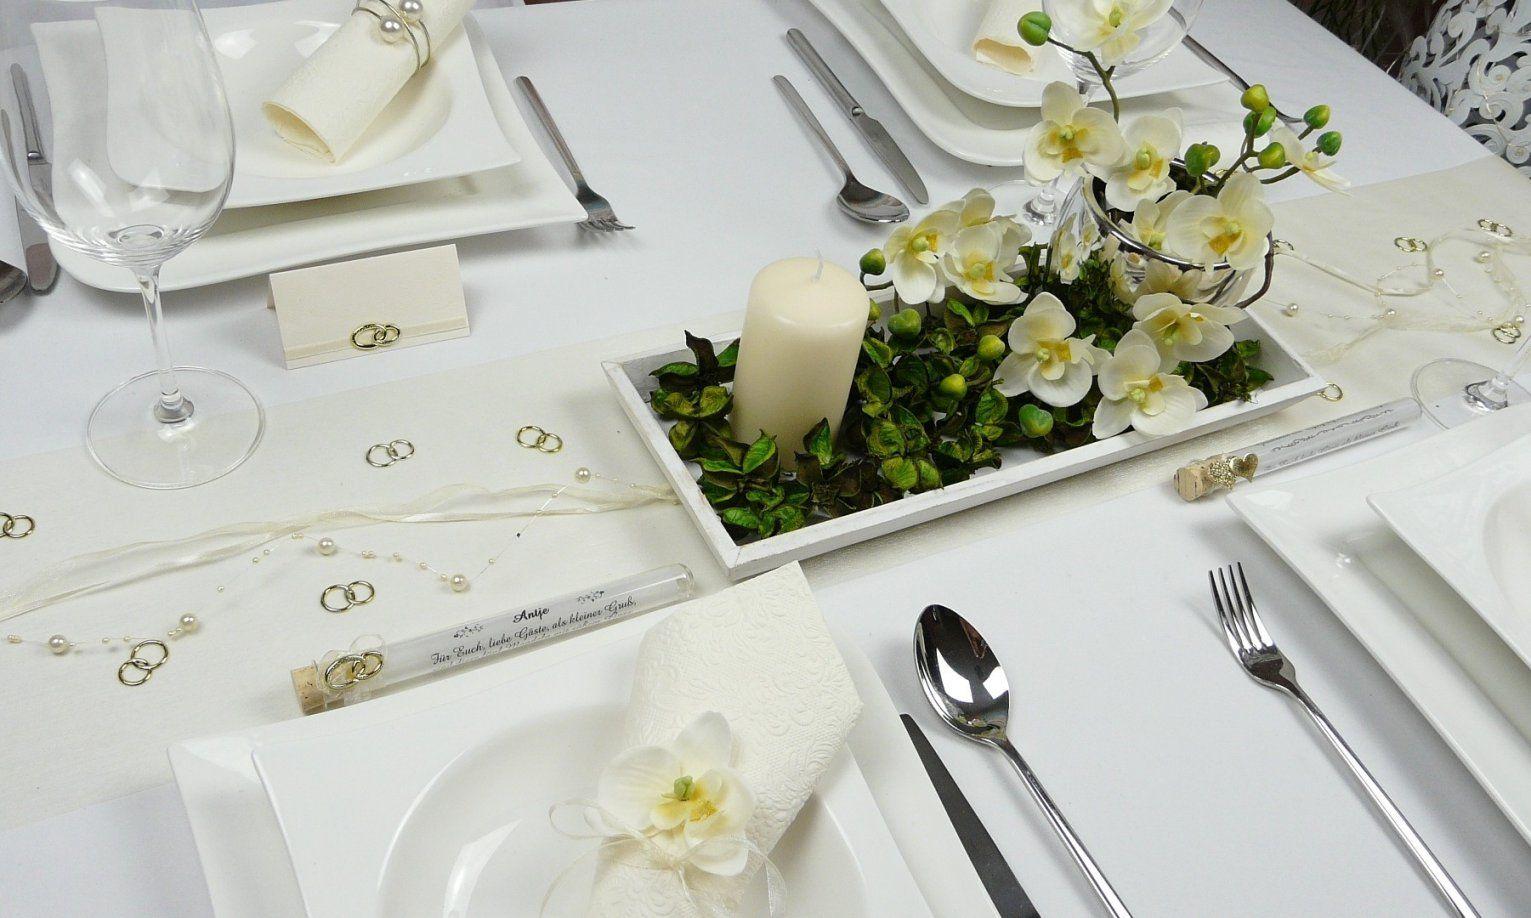 26 Best Of Dekoration Mehr Als Tischdeko Zur Goldenen Hochzeit von Tischdeko Zur Goldenen Hochzeit Photo